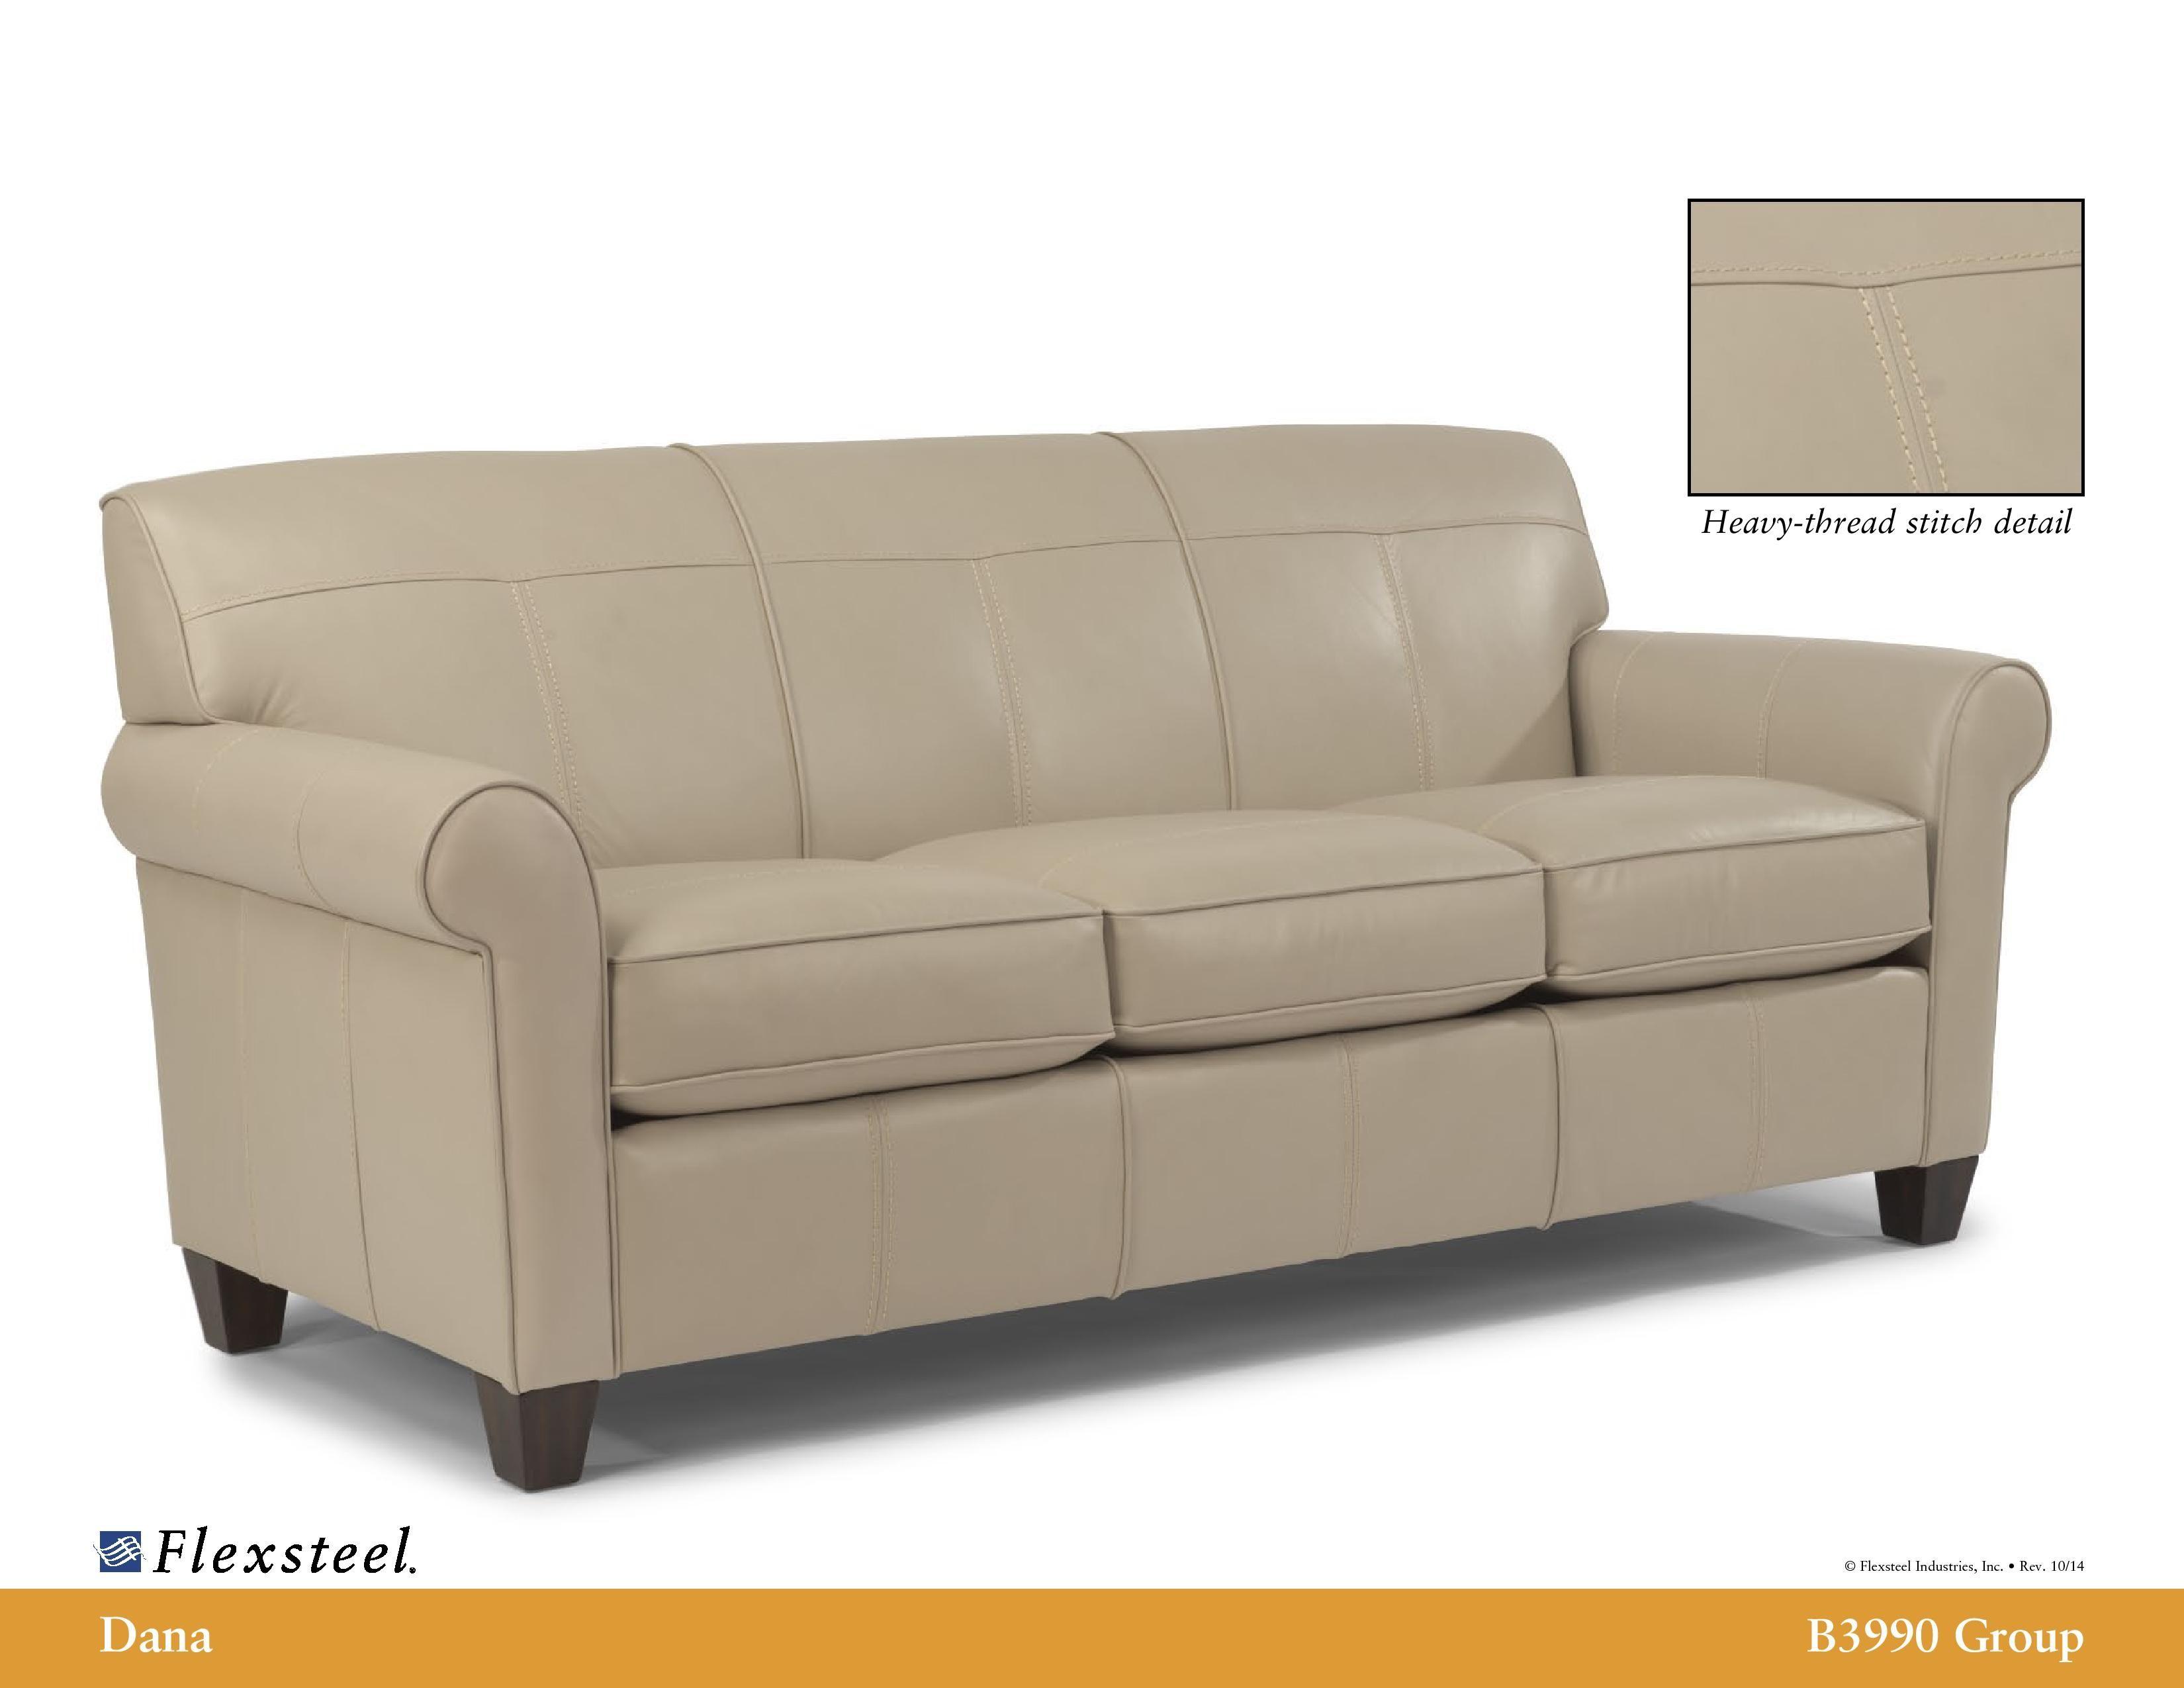 Flexsteel Sofa Bed Air Mattress httptmidbcom Pinterest Air